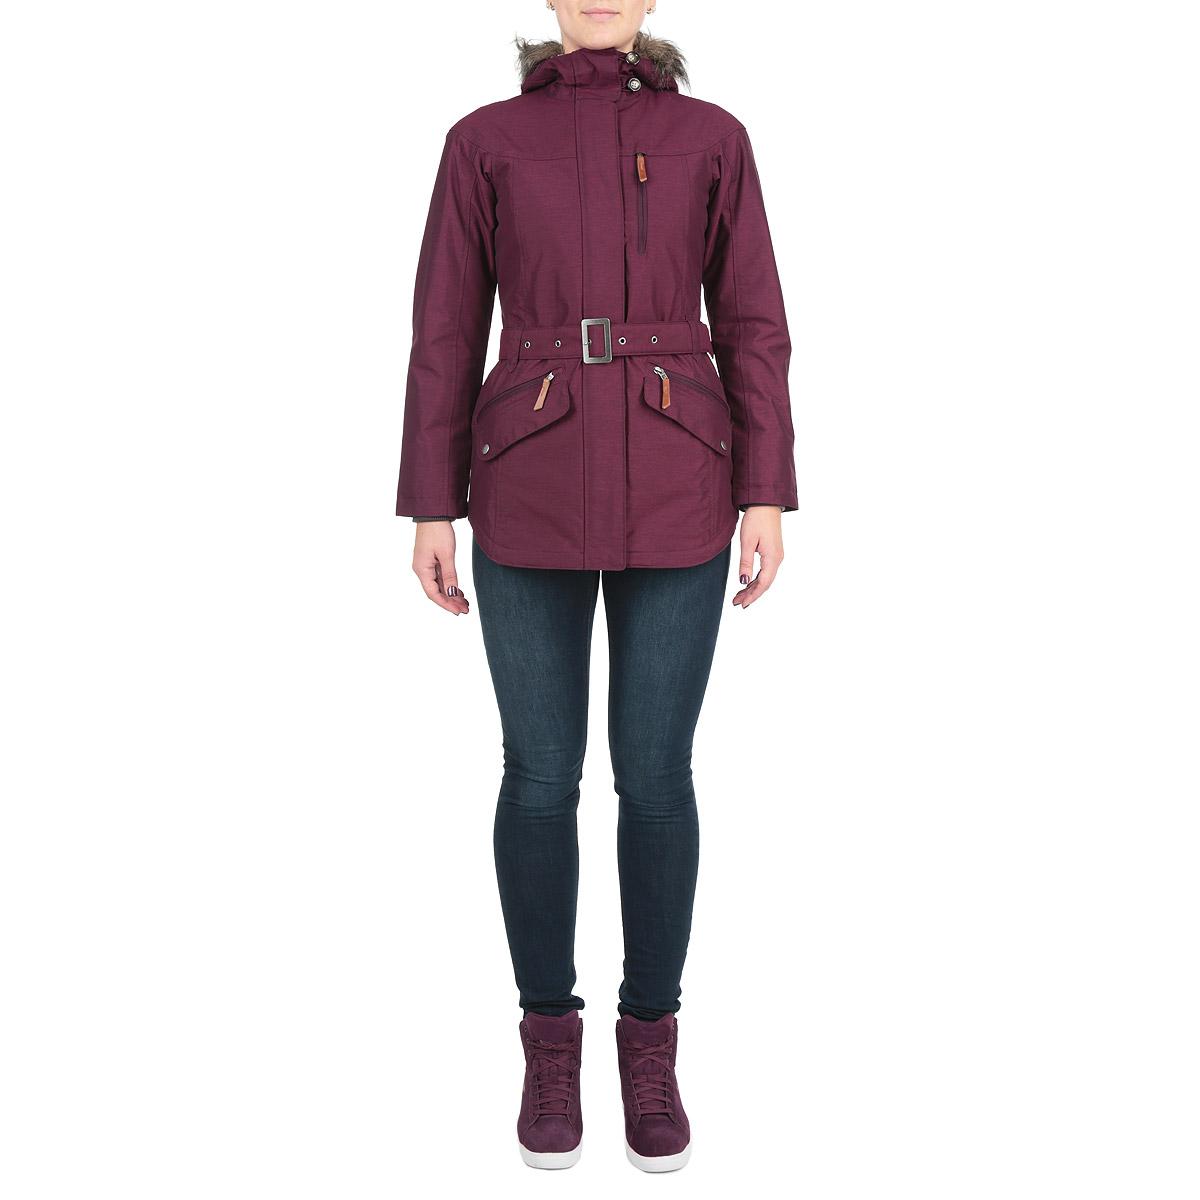 Куртка женская. WL4117-562WL4117-562Удлиненная женская куртка Columbia Carson Pass II Jacket обеспечит тепло и комфорт даже в самую холодную погоду. Куртка изготовлена из водоотталкивающего материала с мембраной Omni-Tech. Утеплитель и подкладка Omni-Heat обеспечивают оптимальную температурную регуляцию при максимальной легкости изделия. Данная система термального отражения согревает лучше, отражая тепло, которое вырабатывает тело, она также помогает регулировать температуру тела, способствуя выходу избыточных тепла и тела. Швы проклеены в критических местах. Куртка приталенного кроя с капюшоном застегивается на пластиковую застежку-молнию с двойным бегунком и дополнительно имеет внешний ветрозащитный клапан на застежках-кнопках. Регулируемый капюшон не отстегивается и дополнен по краю скрытой эластичной резинкой со специальными фиксаторами и застегивается под подбородком клапаном на пуговицы. Также капюшон дополнен съемной опушкой из искусственного меха. Опушка пристегивается с помощью застежек-кнопок. Низ...